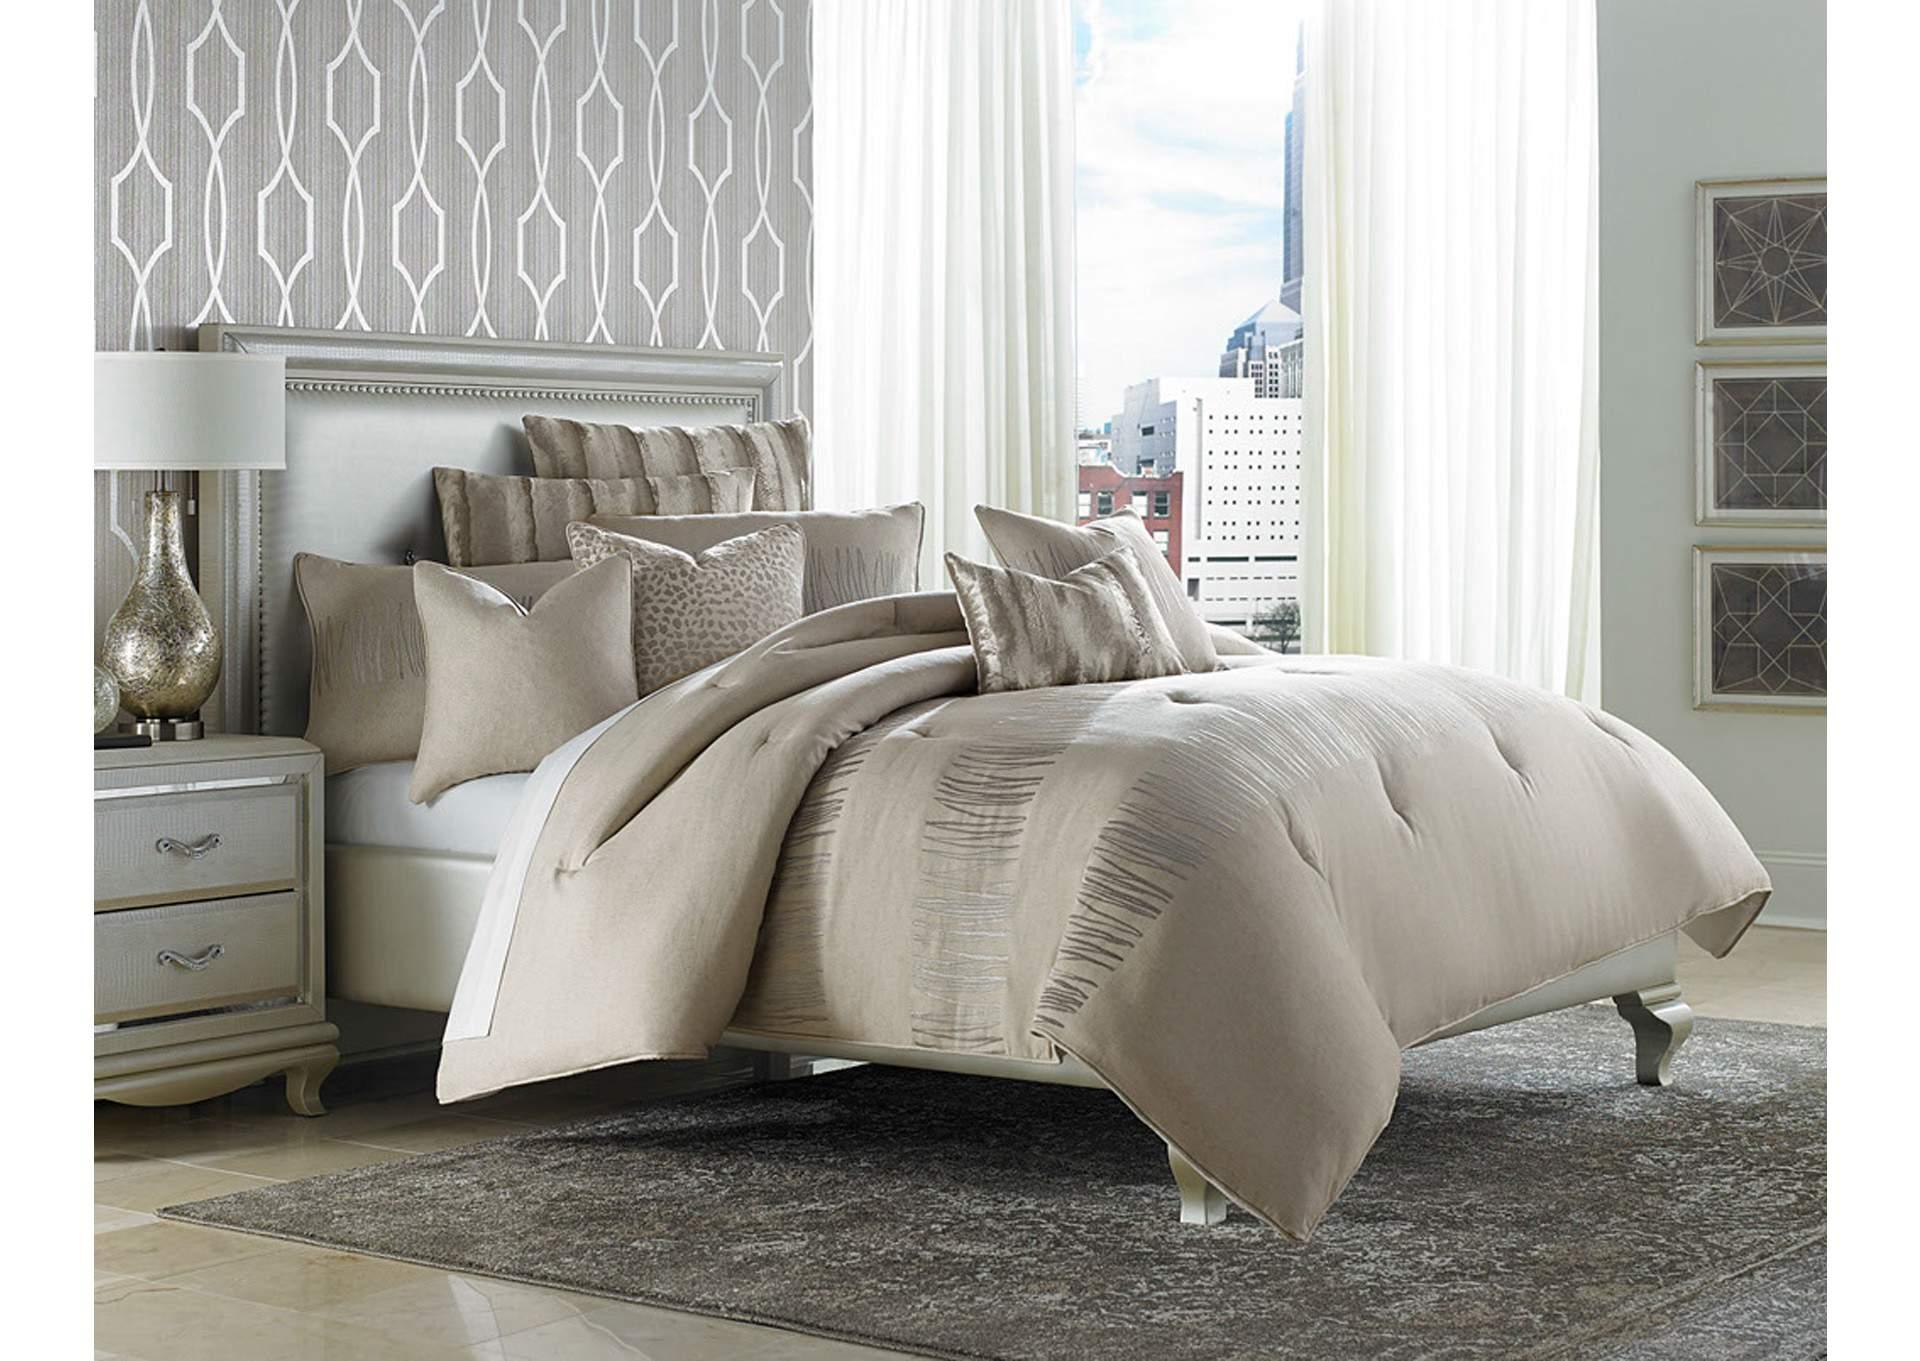 Captiva Silver 9 Pc Queen Comforter Set Cohen S Furniture New Castle De